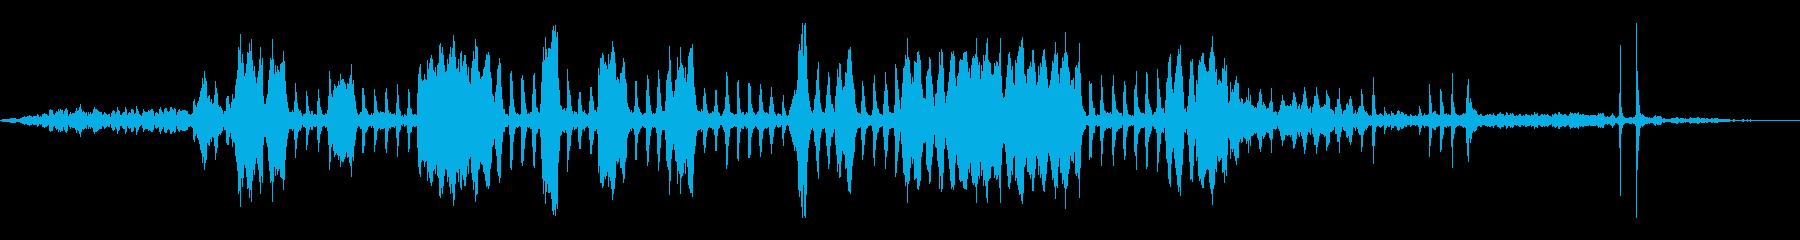 電気キーカッター:スタート、カット...の再生済みの波形